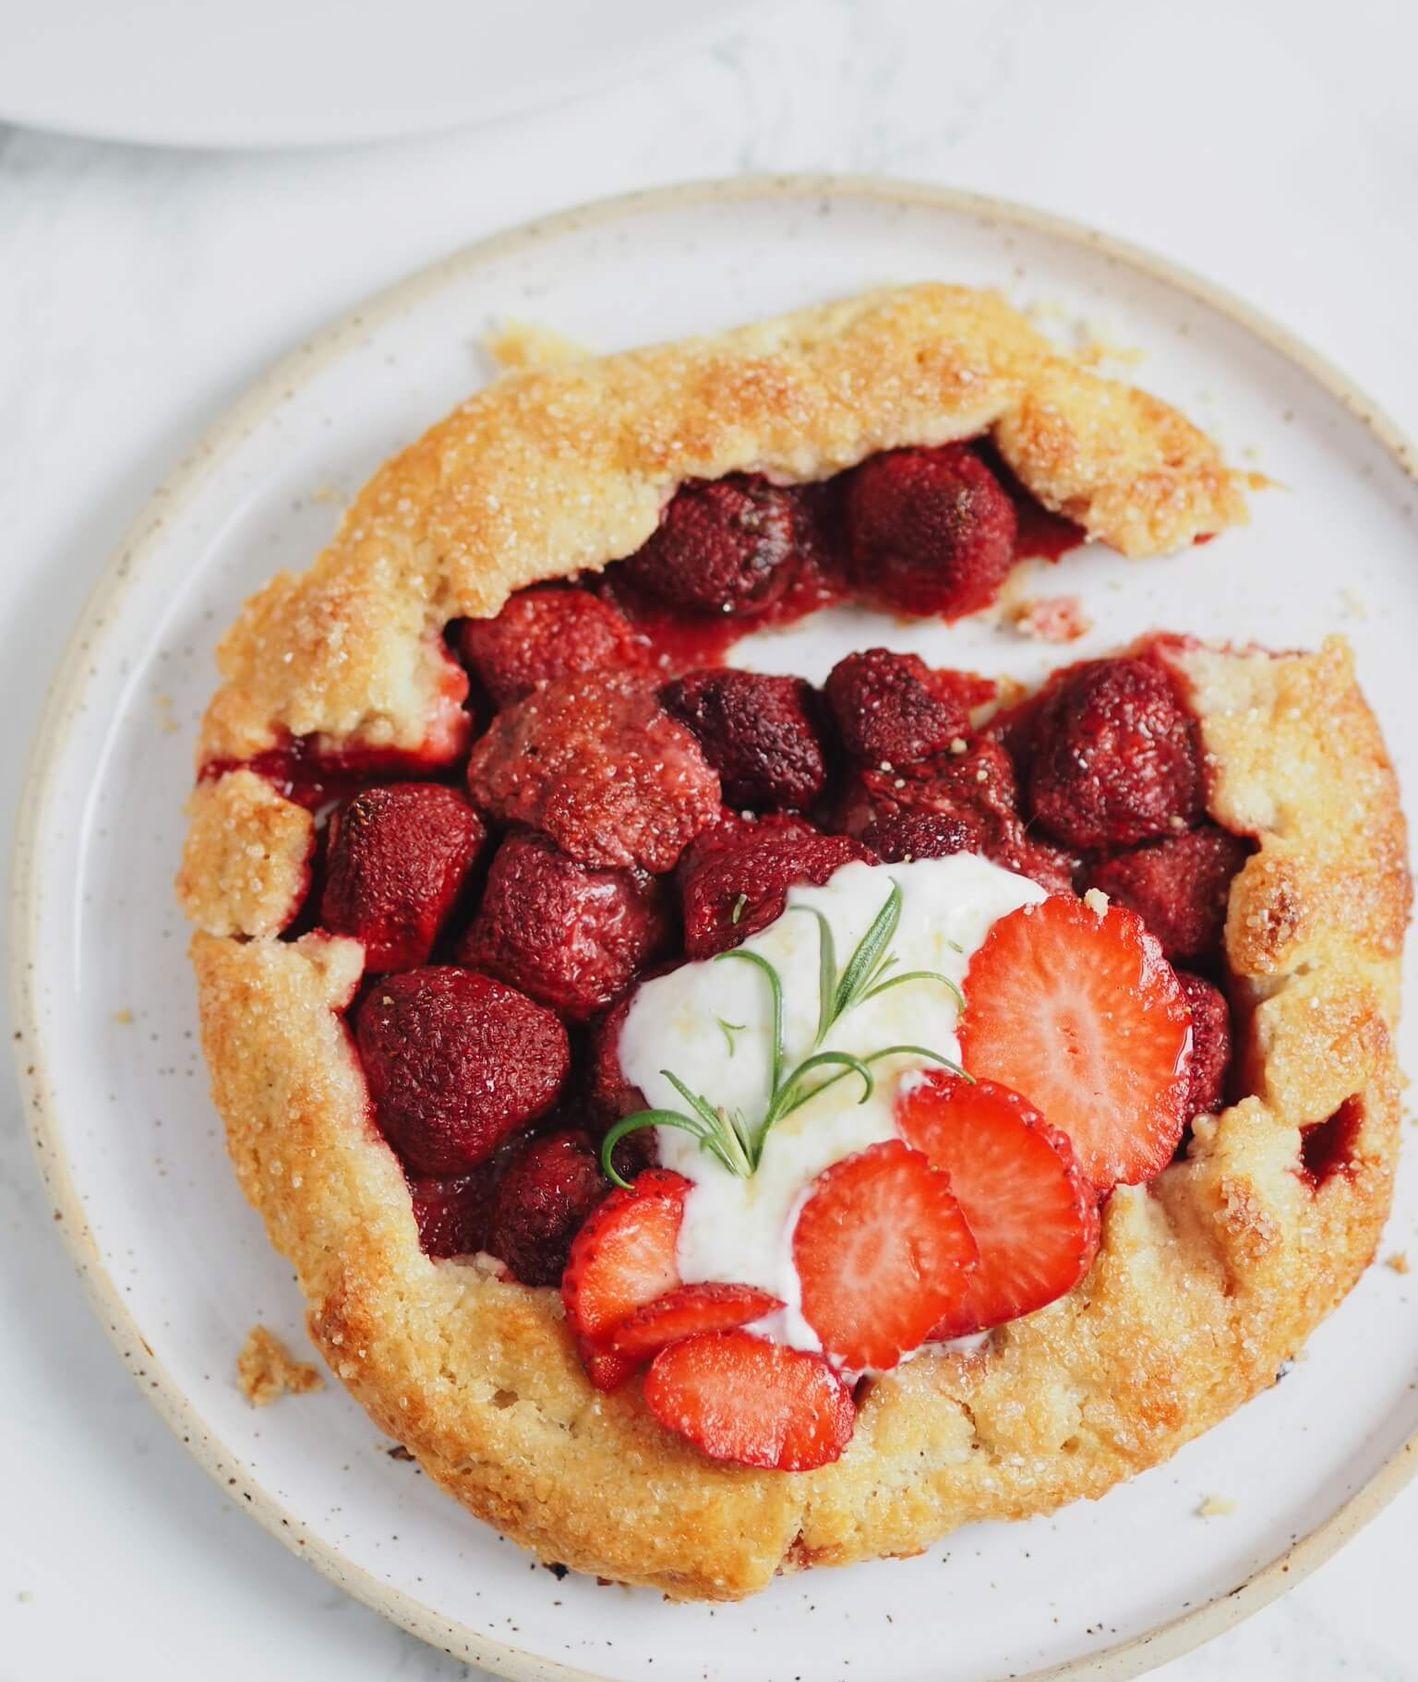 migdałowa tarta galette z truskawkami, ciasto z truskawkami, przepis Jagłowska, kruche ciasto, ciasto z migdałami